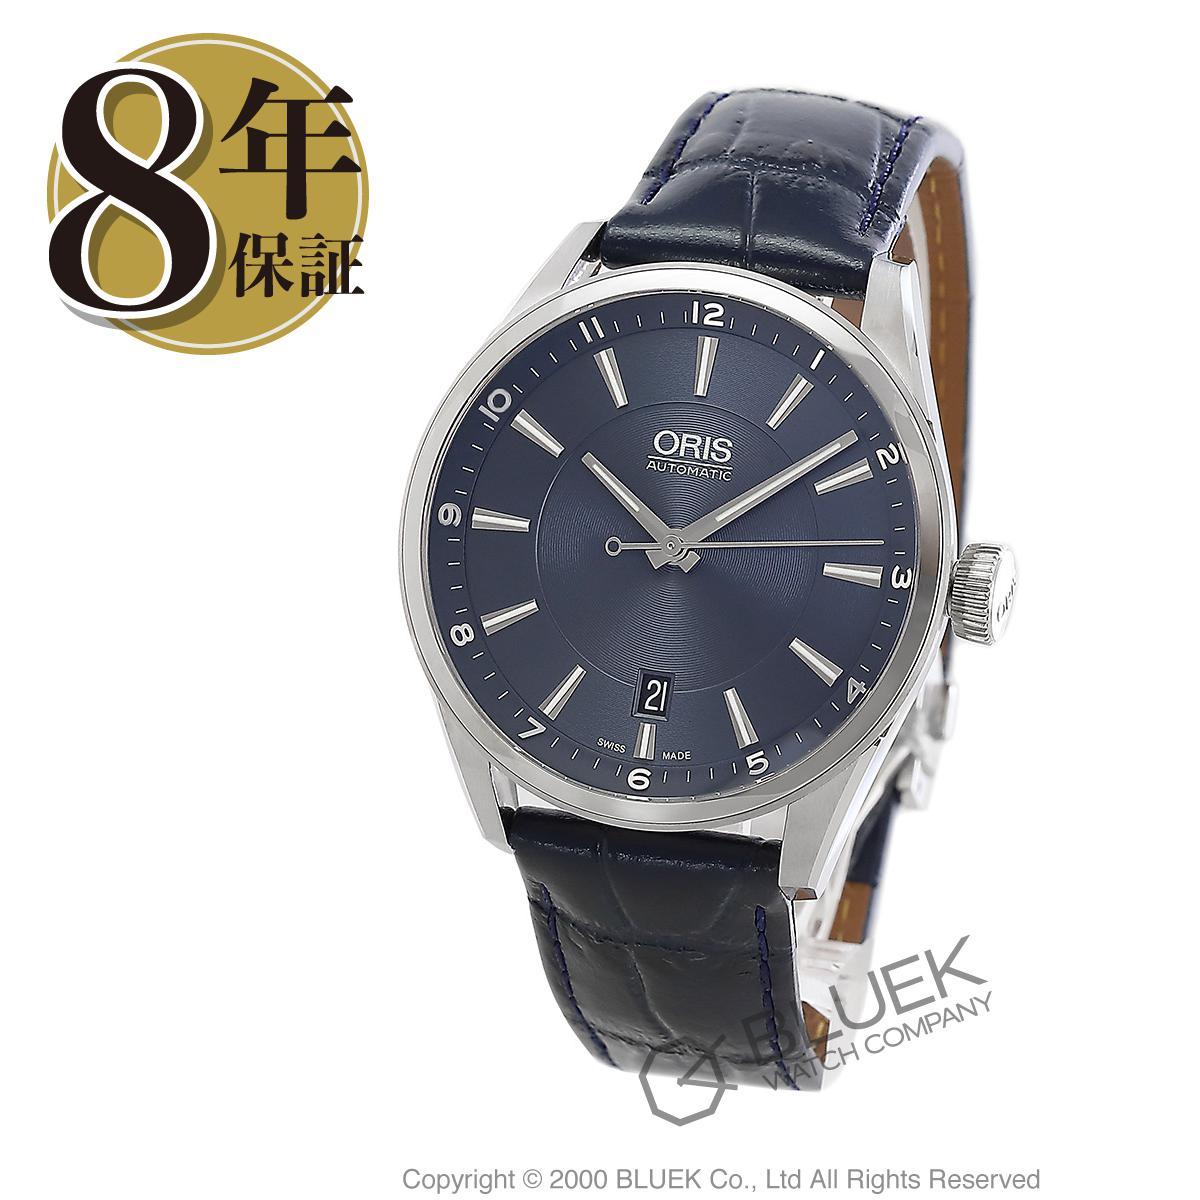 オリス アーティックス デイト 腕時計 レディース ORIS 733 7713 4035D_8